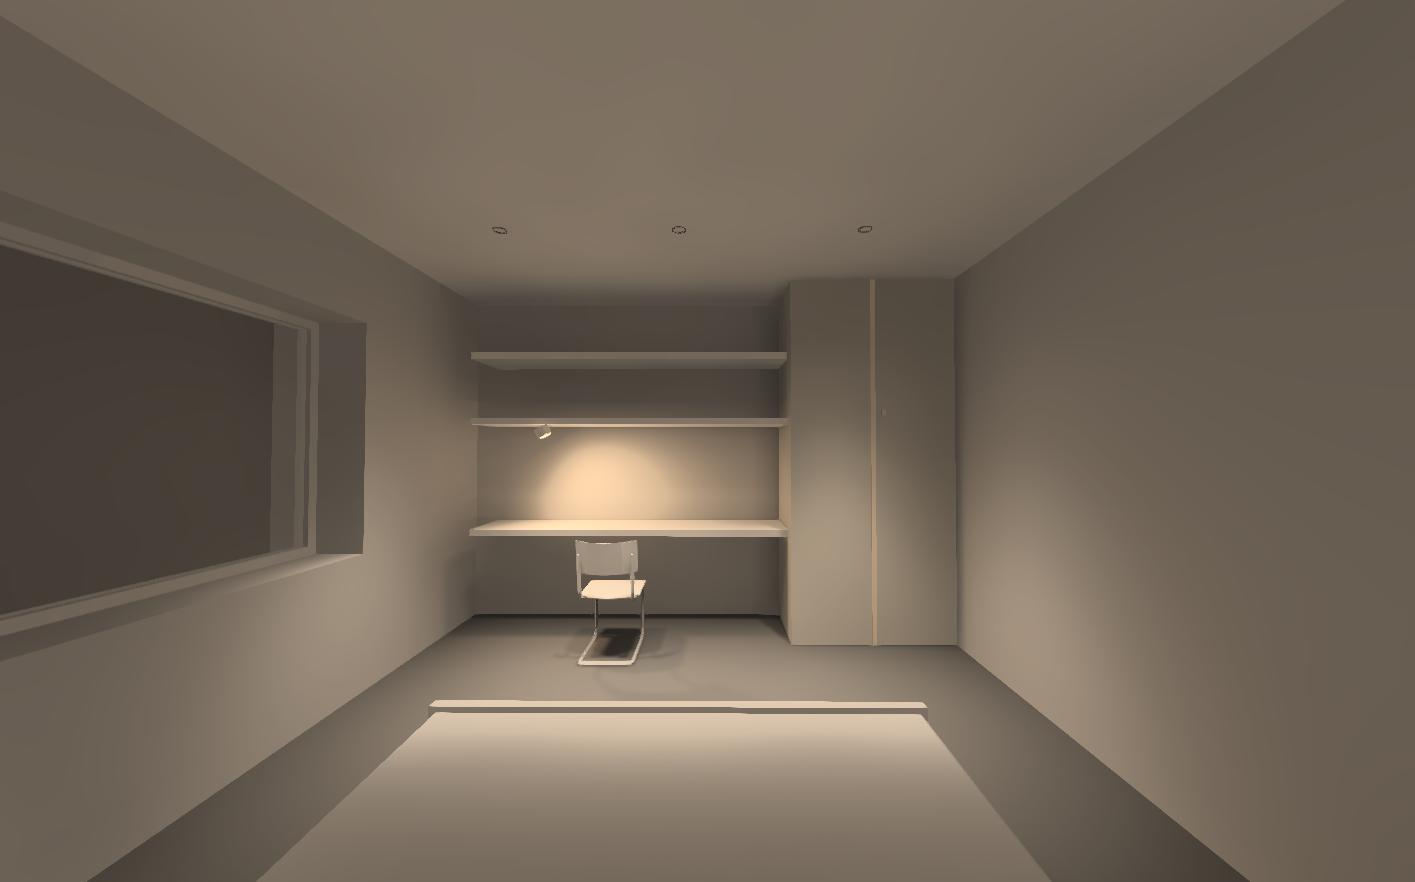 Визуализация освещения. Мастер-спальня